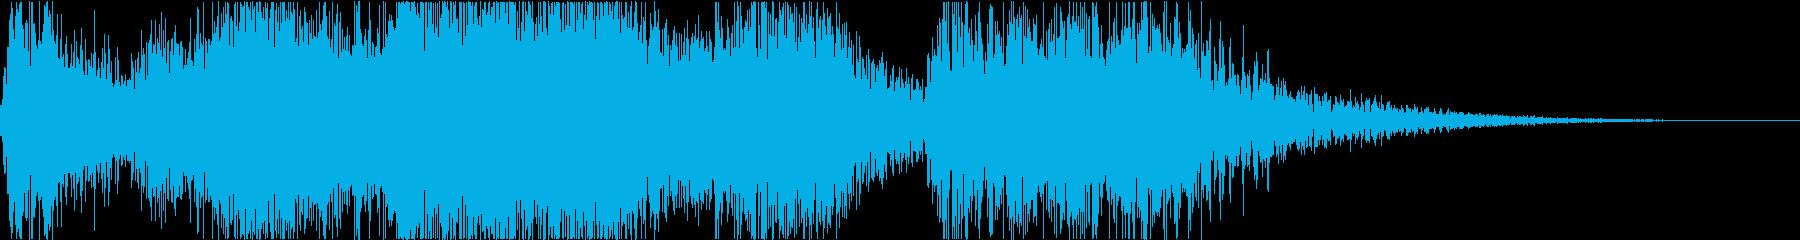 勝利シーンのジングル ファンファーレの再生済みの波形